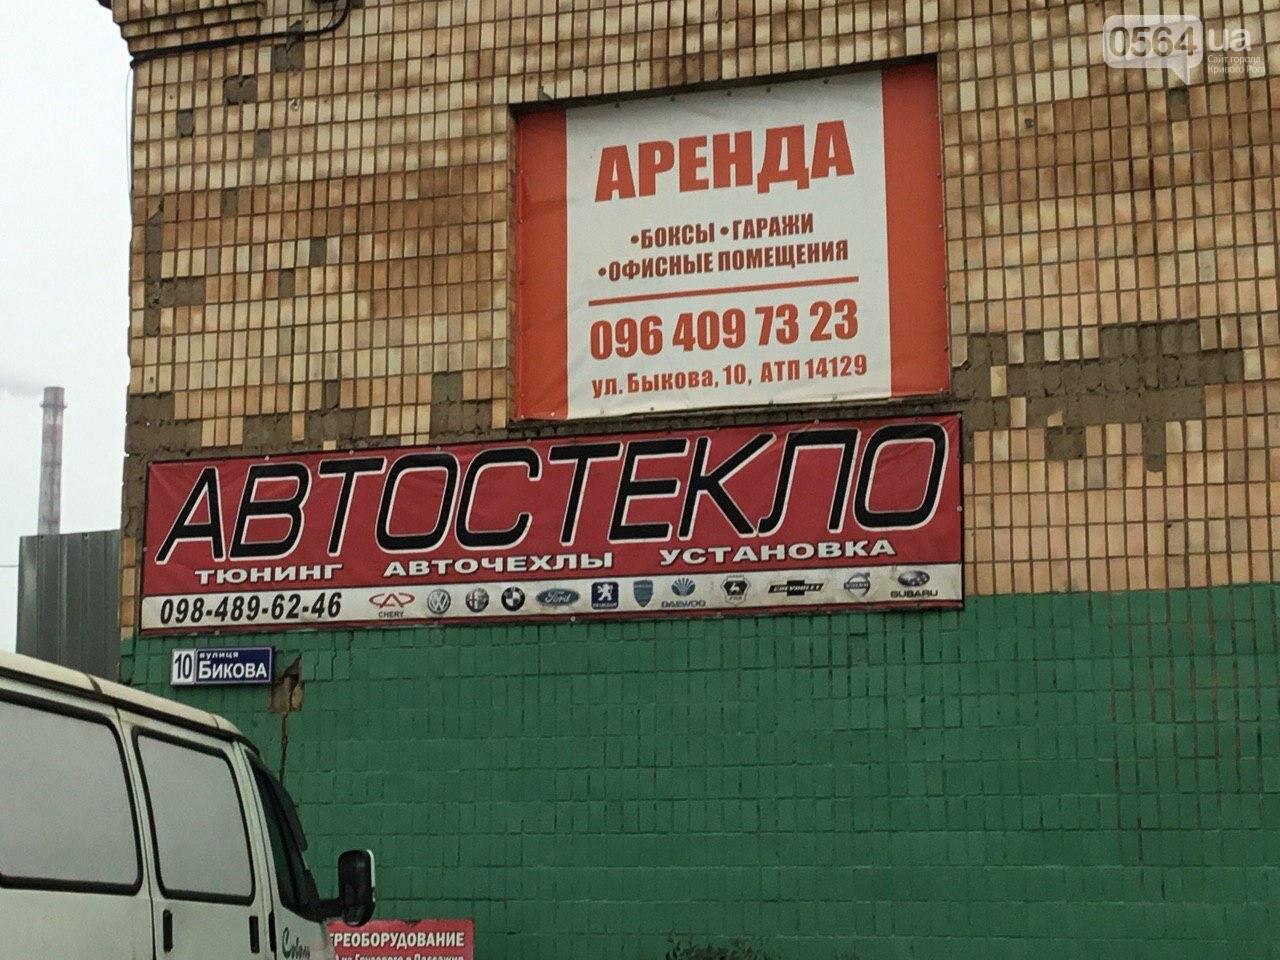 Депутат: в центре Кривого Рога 15 лет незаконно используют участок земли, - ФОТО, ВИДЕО, фото-19